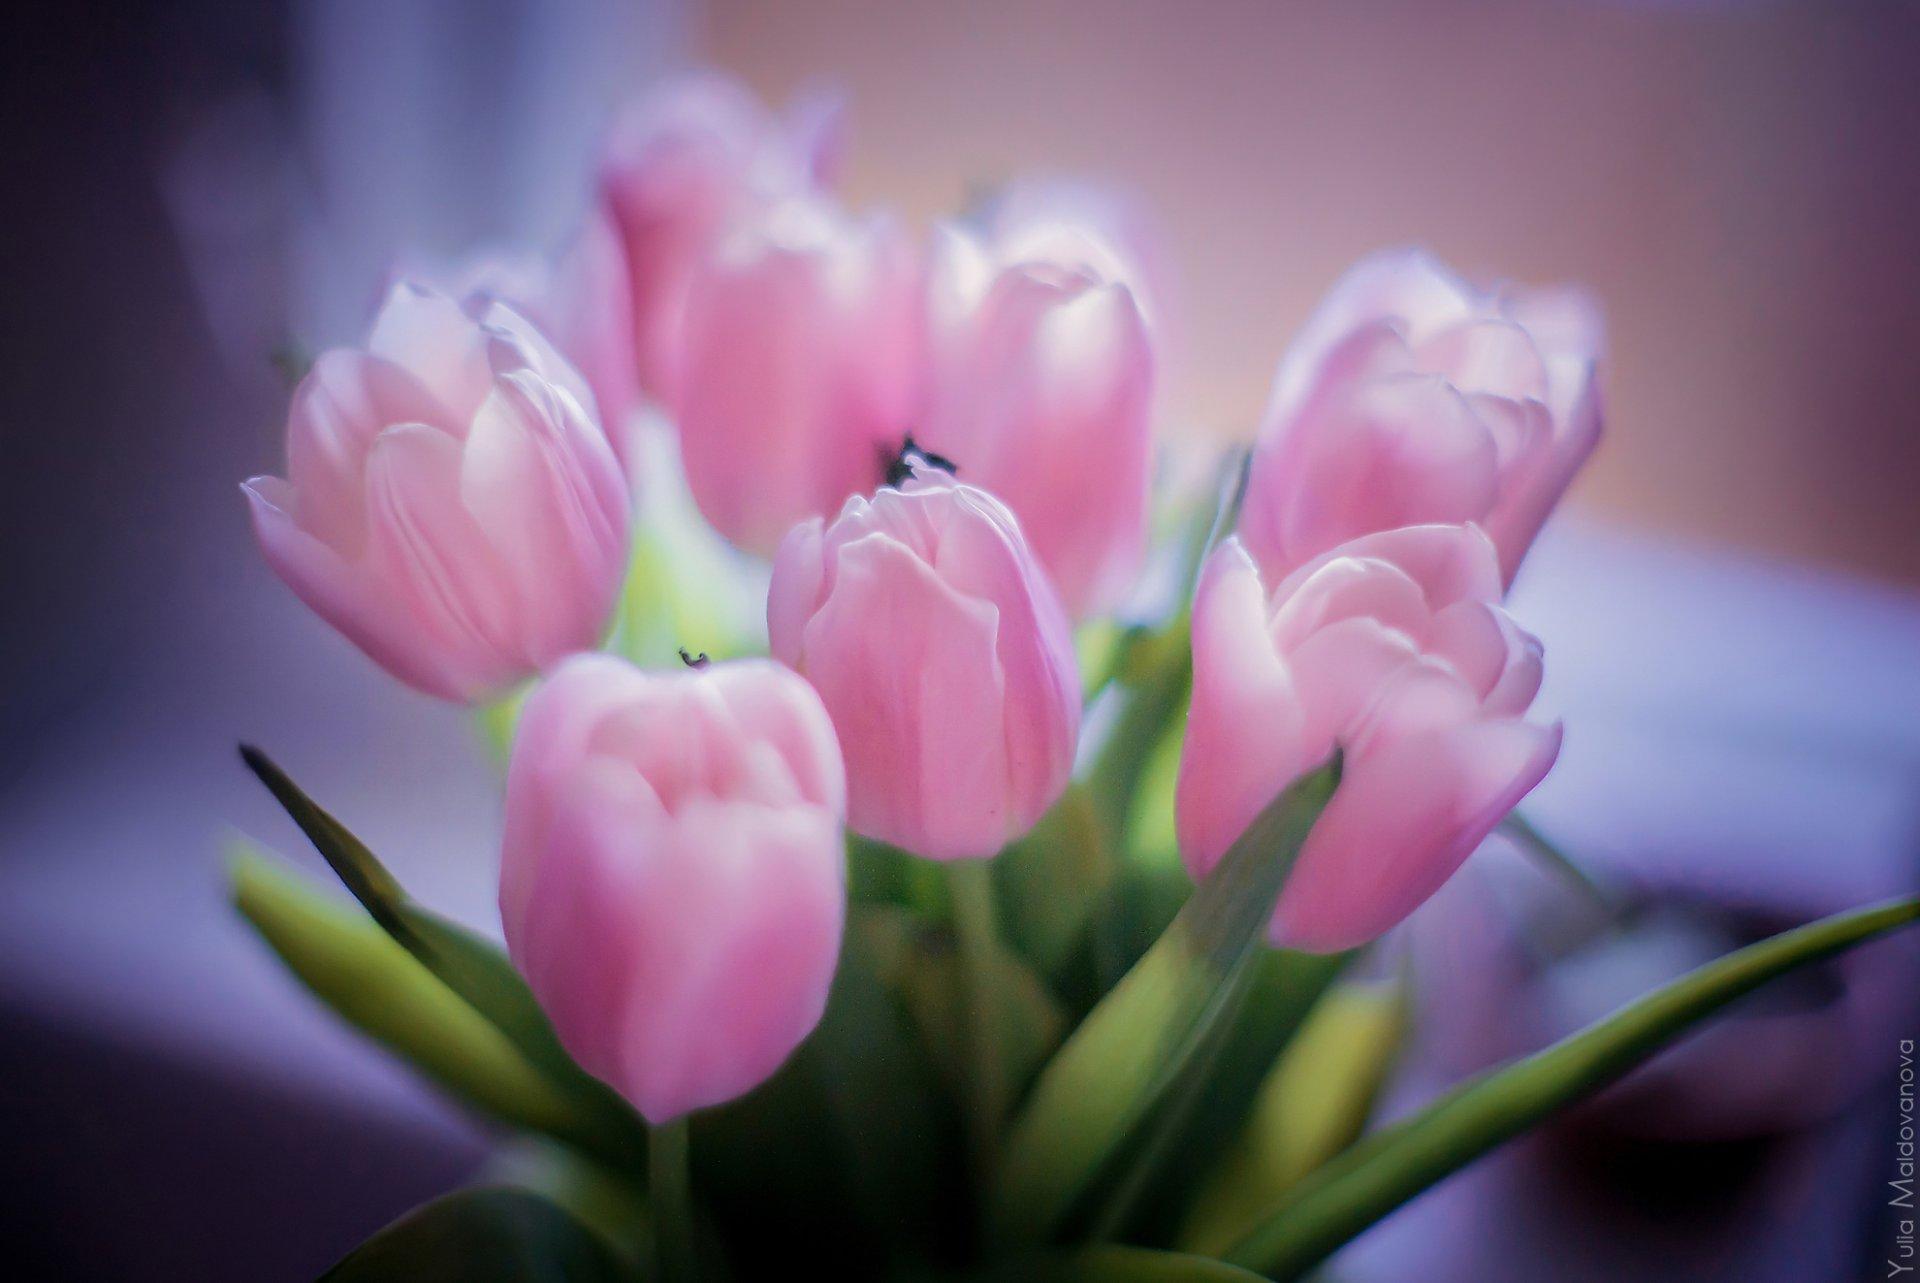 Обои Весна, позитив, макро фото тема. Природа foto 14